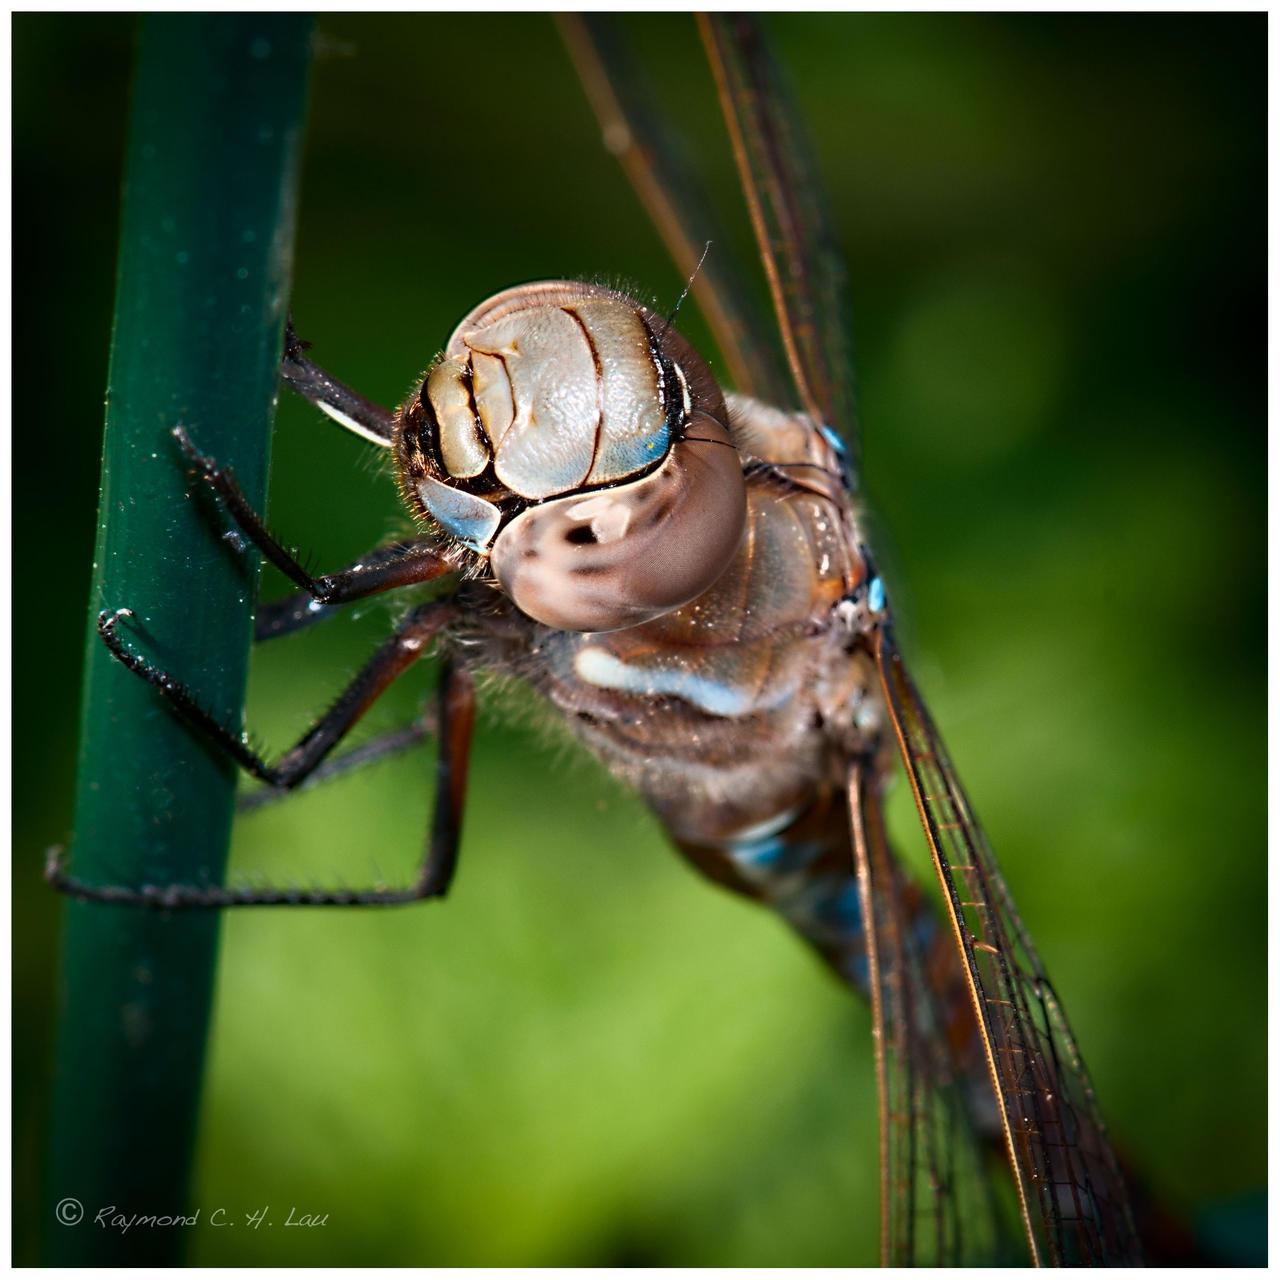 Dragonfly by Raylau